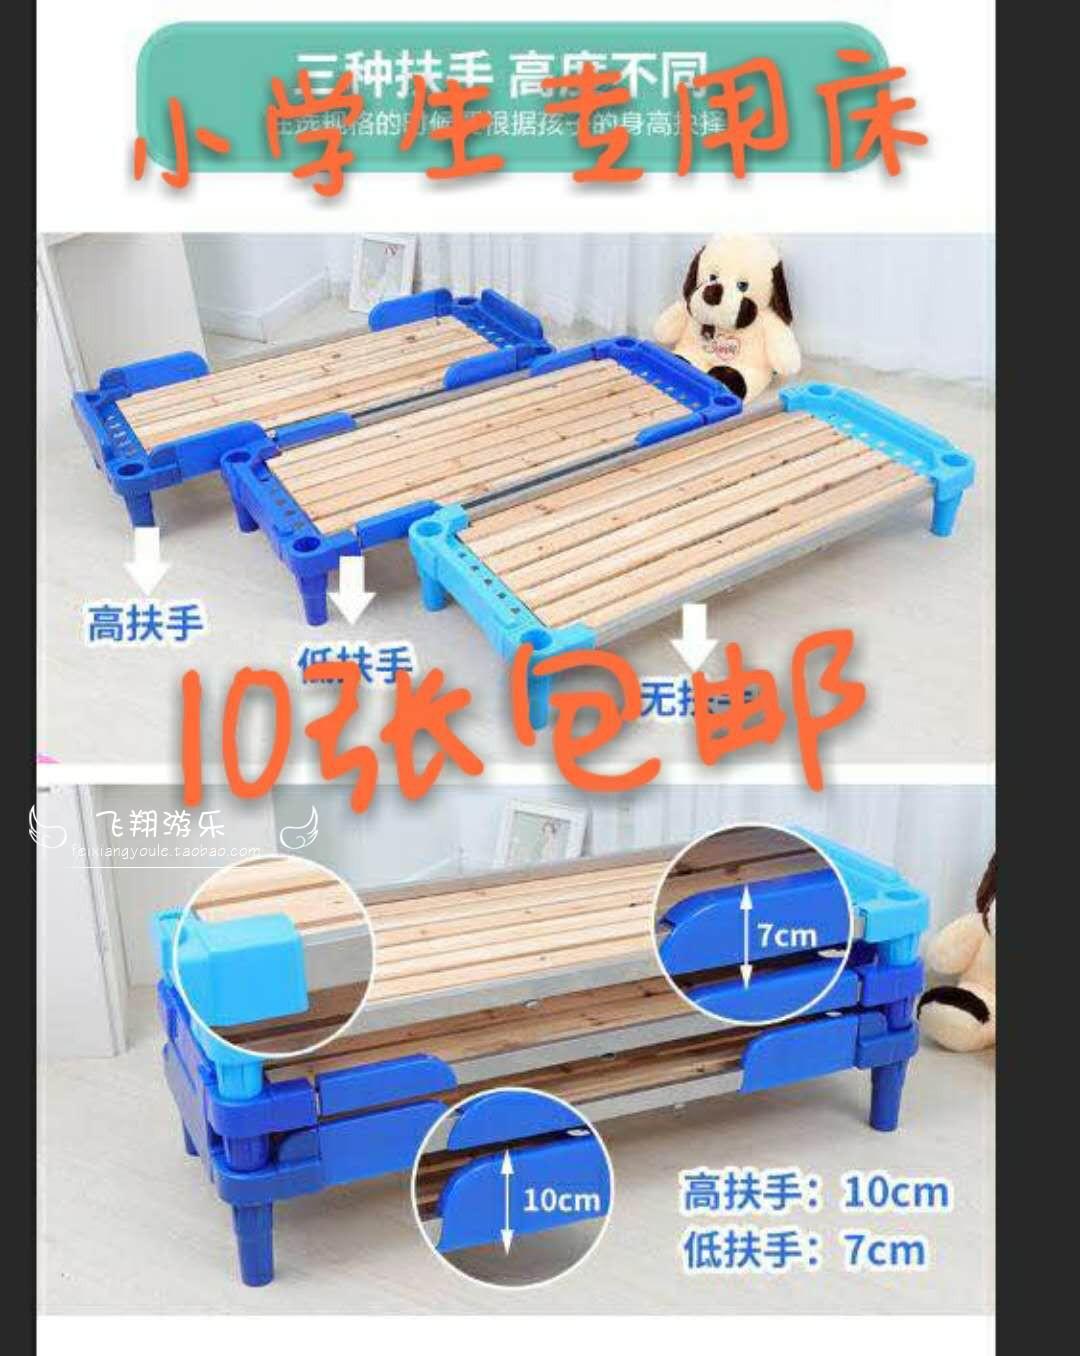 包邮小学生午休床 加长托管班午睡床 塑料木板床培训机构小学生床